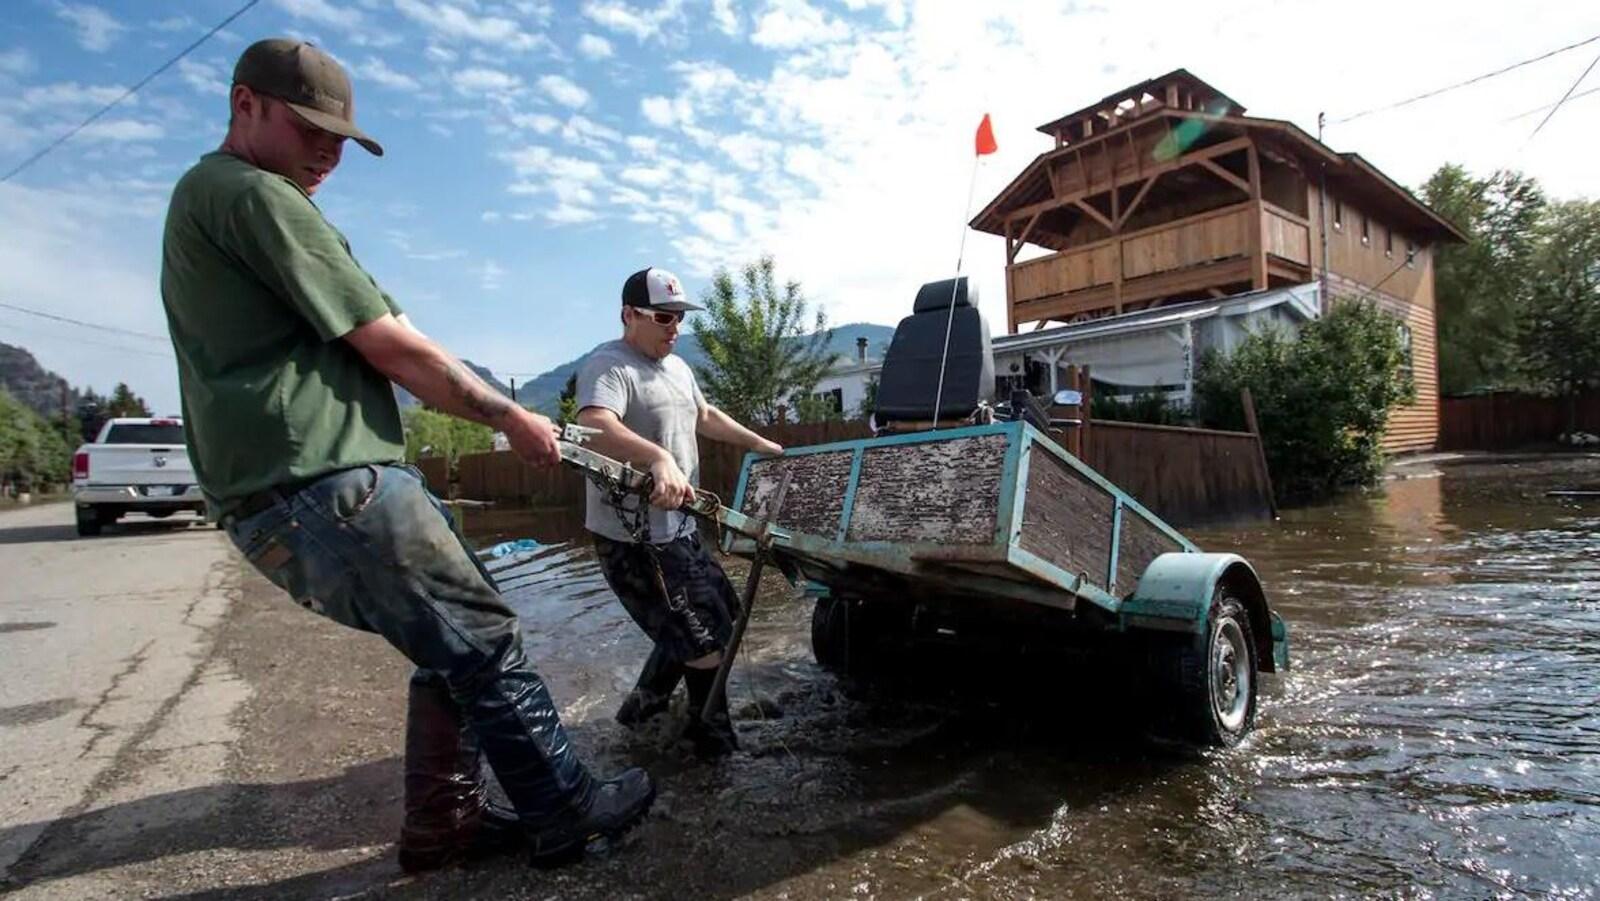 Deux hommes tirent manuellement une remorque vers une route qui est séparée d'une maison en arrière-plan par une zone inondée.